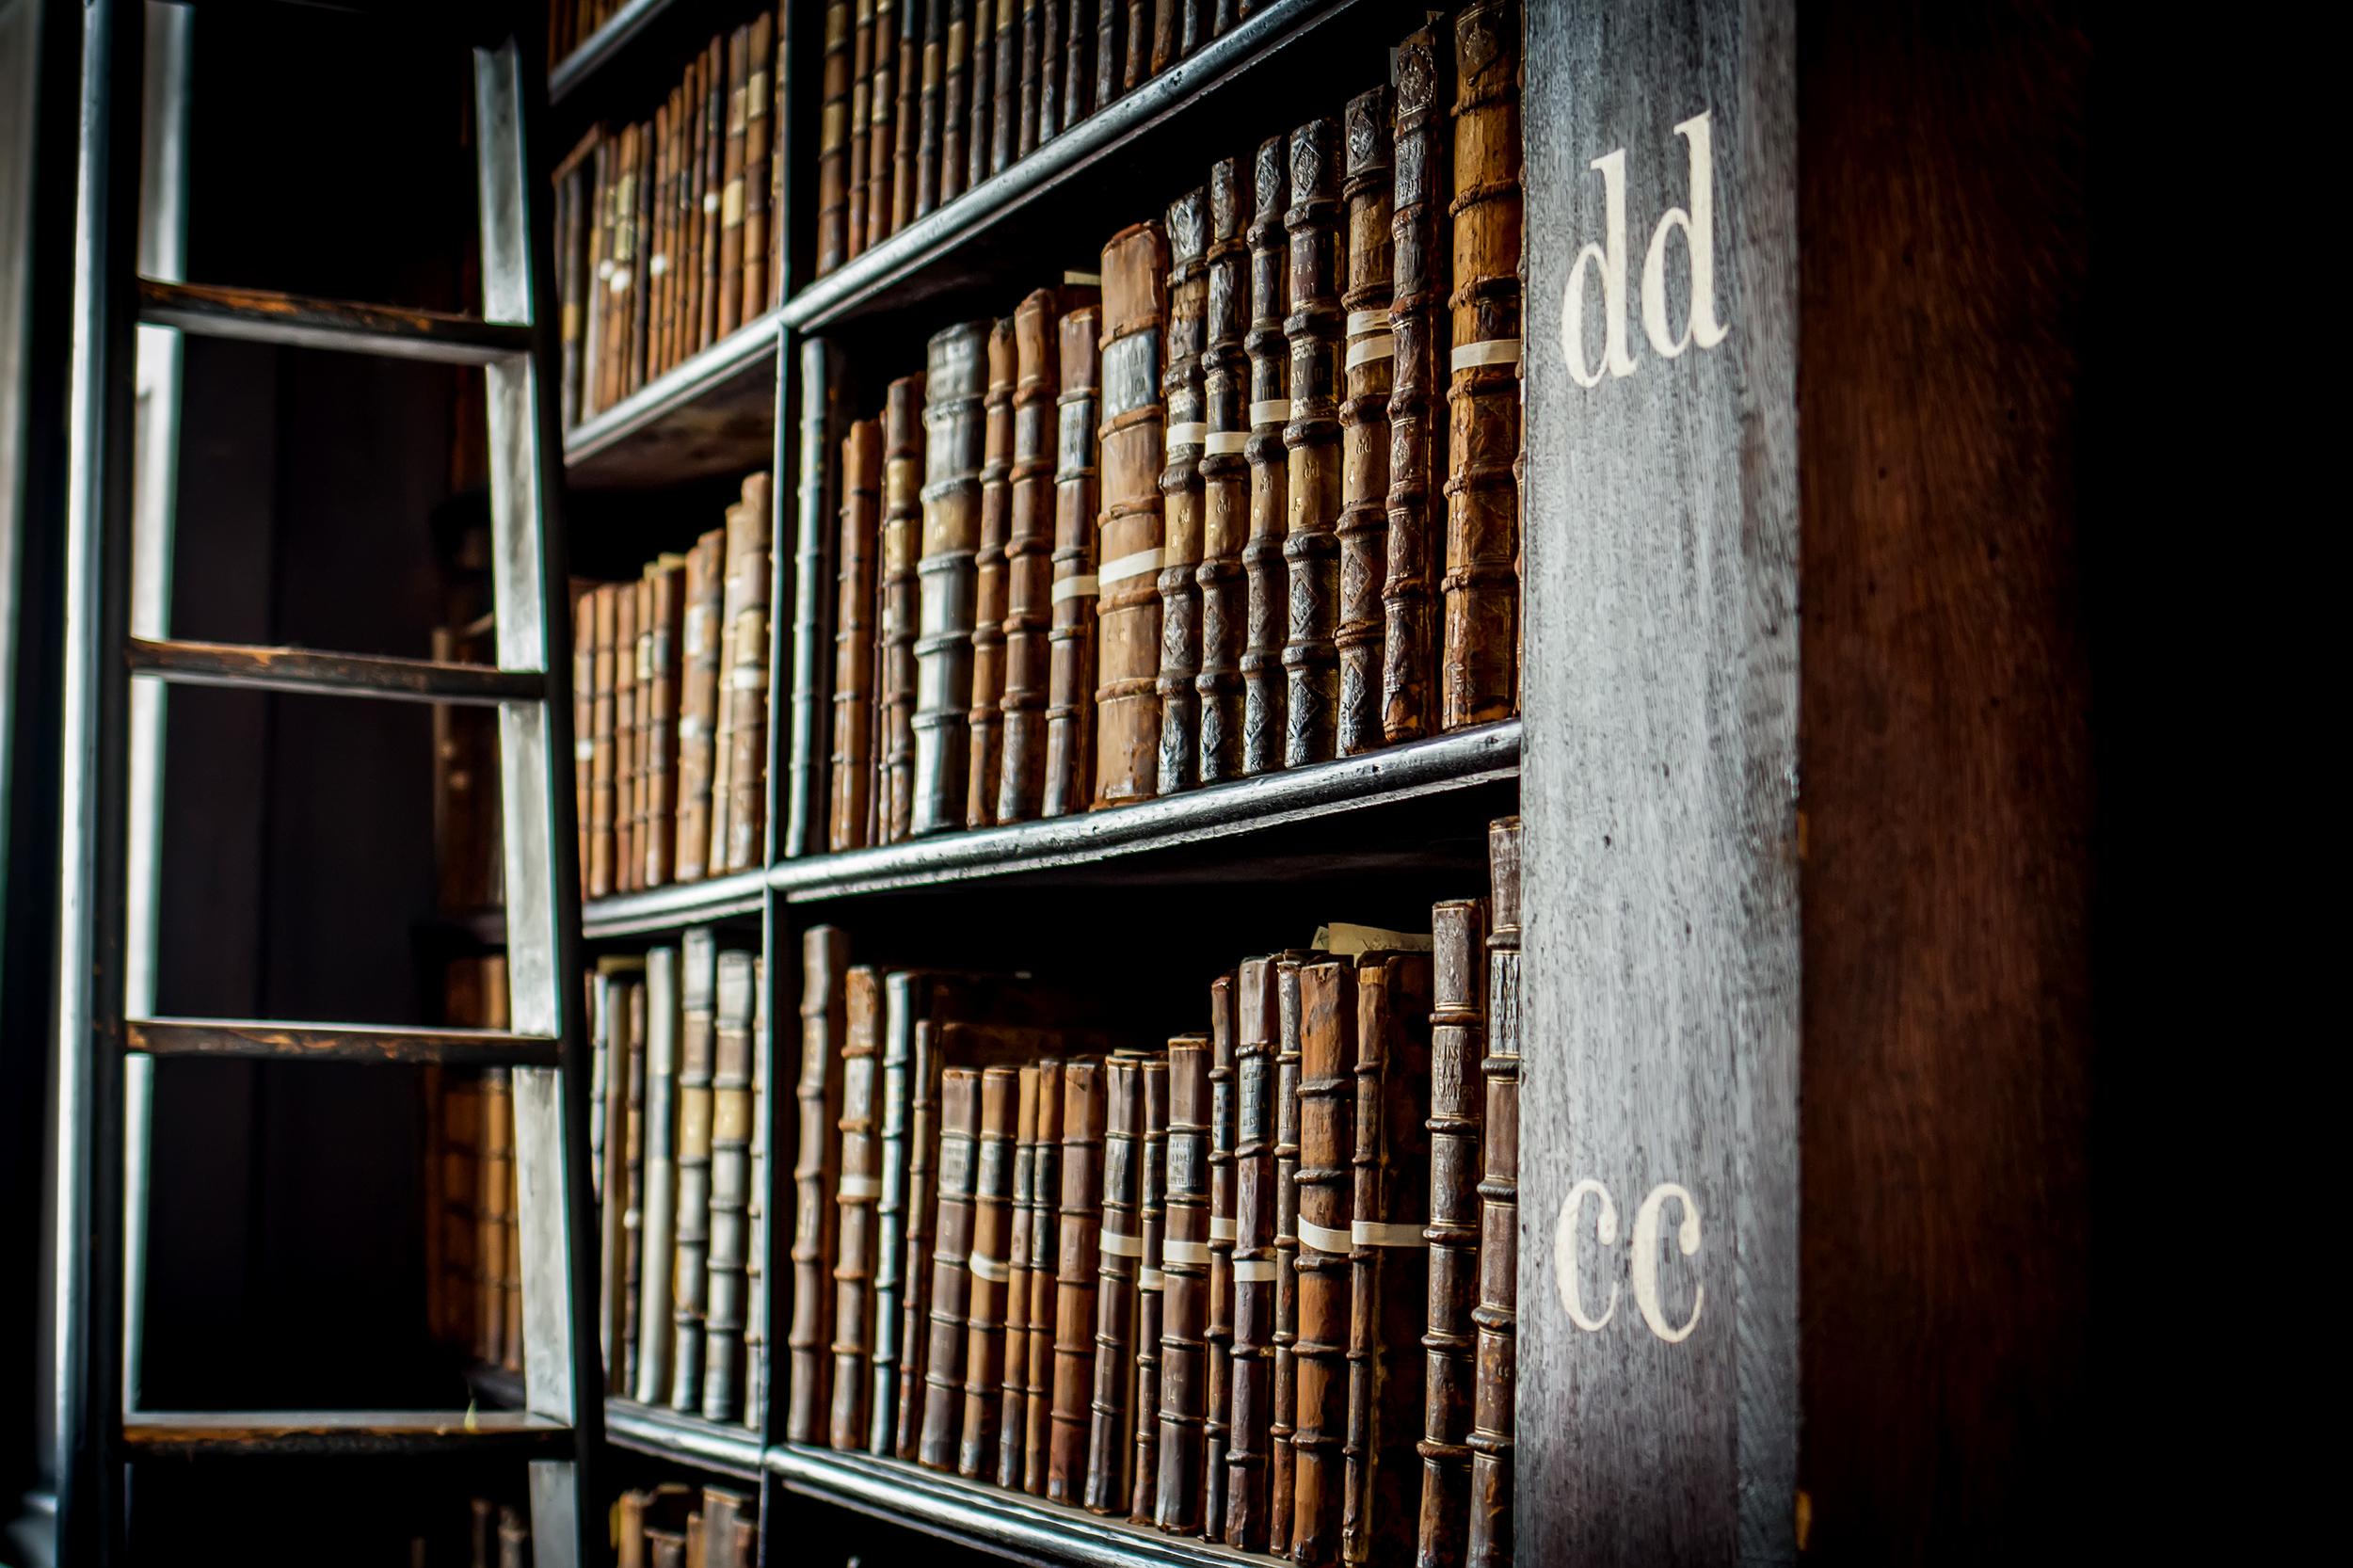 El Libro de Kells, una de las mayores obras de literatura religiosa de la Edad Media - Irlanda Circuito Irlanda y Escocia